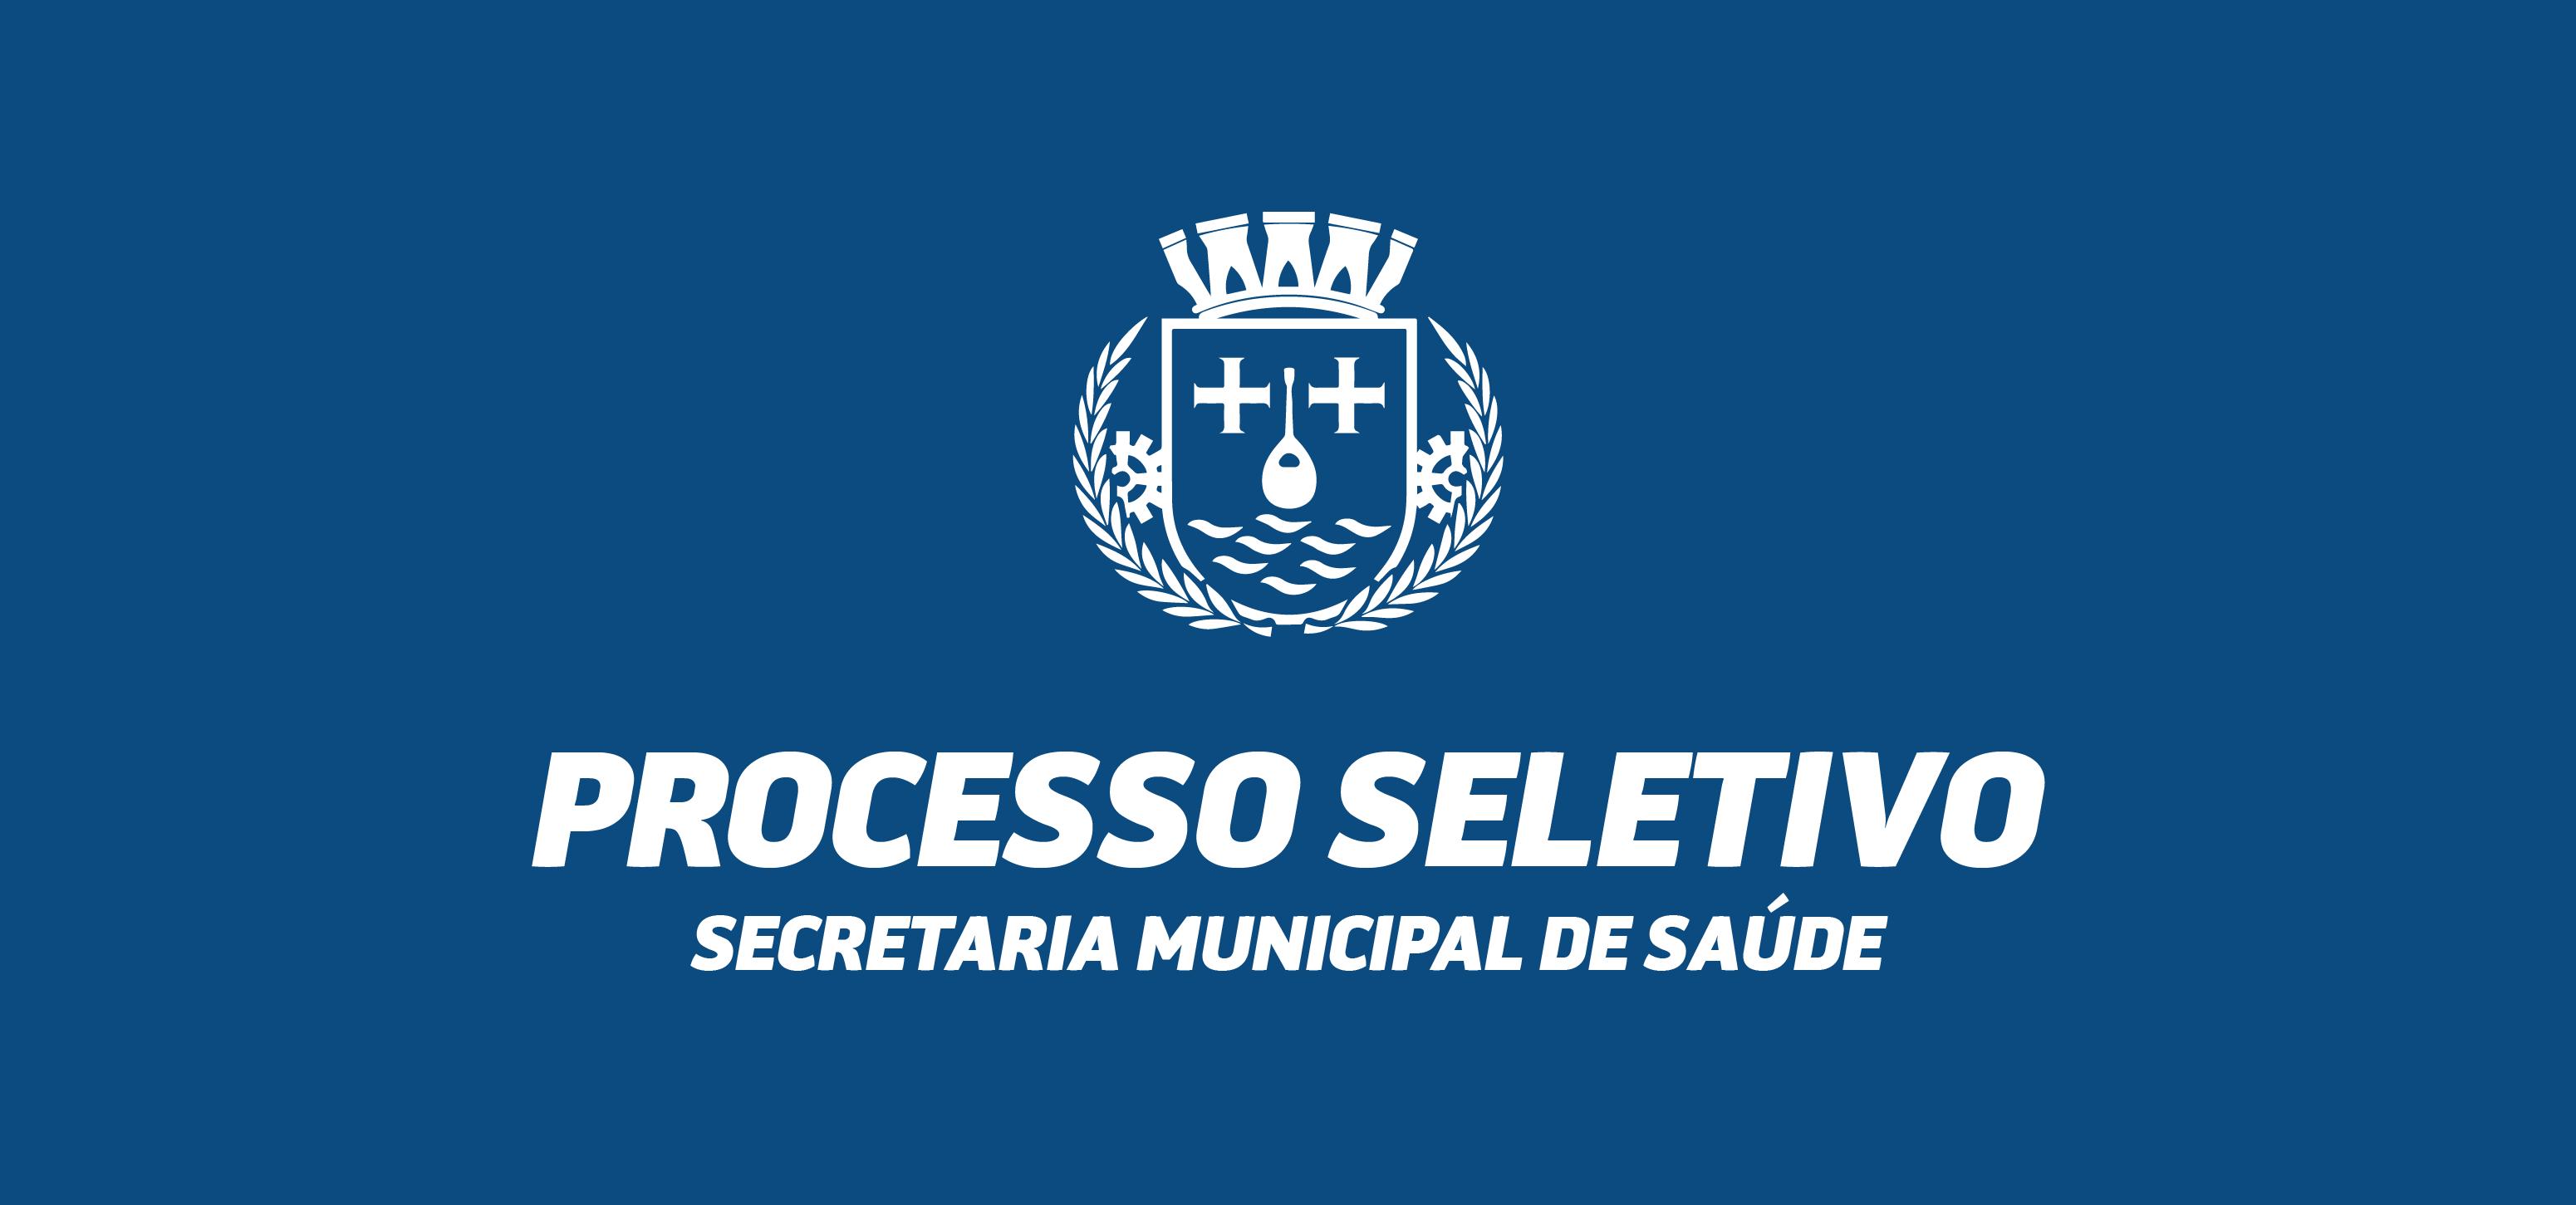 Processo Seletivo Secretaria Municipal de Saúde